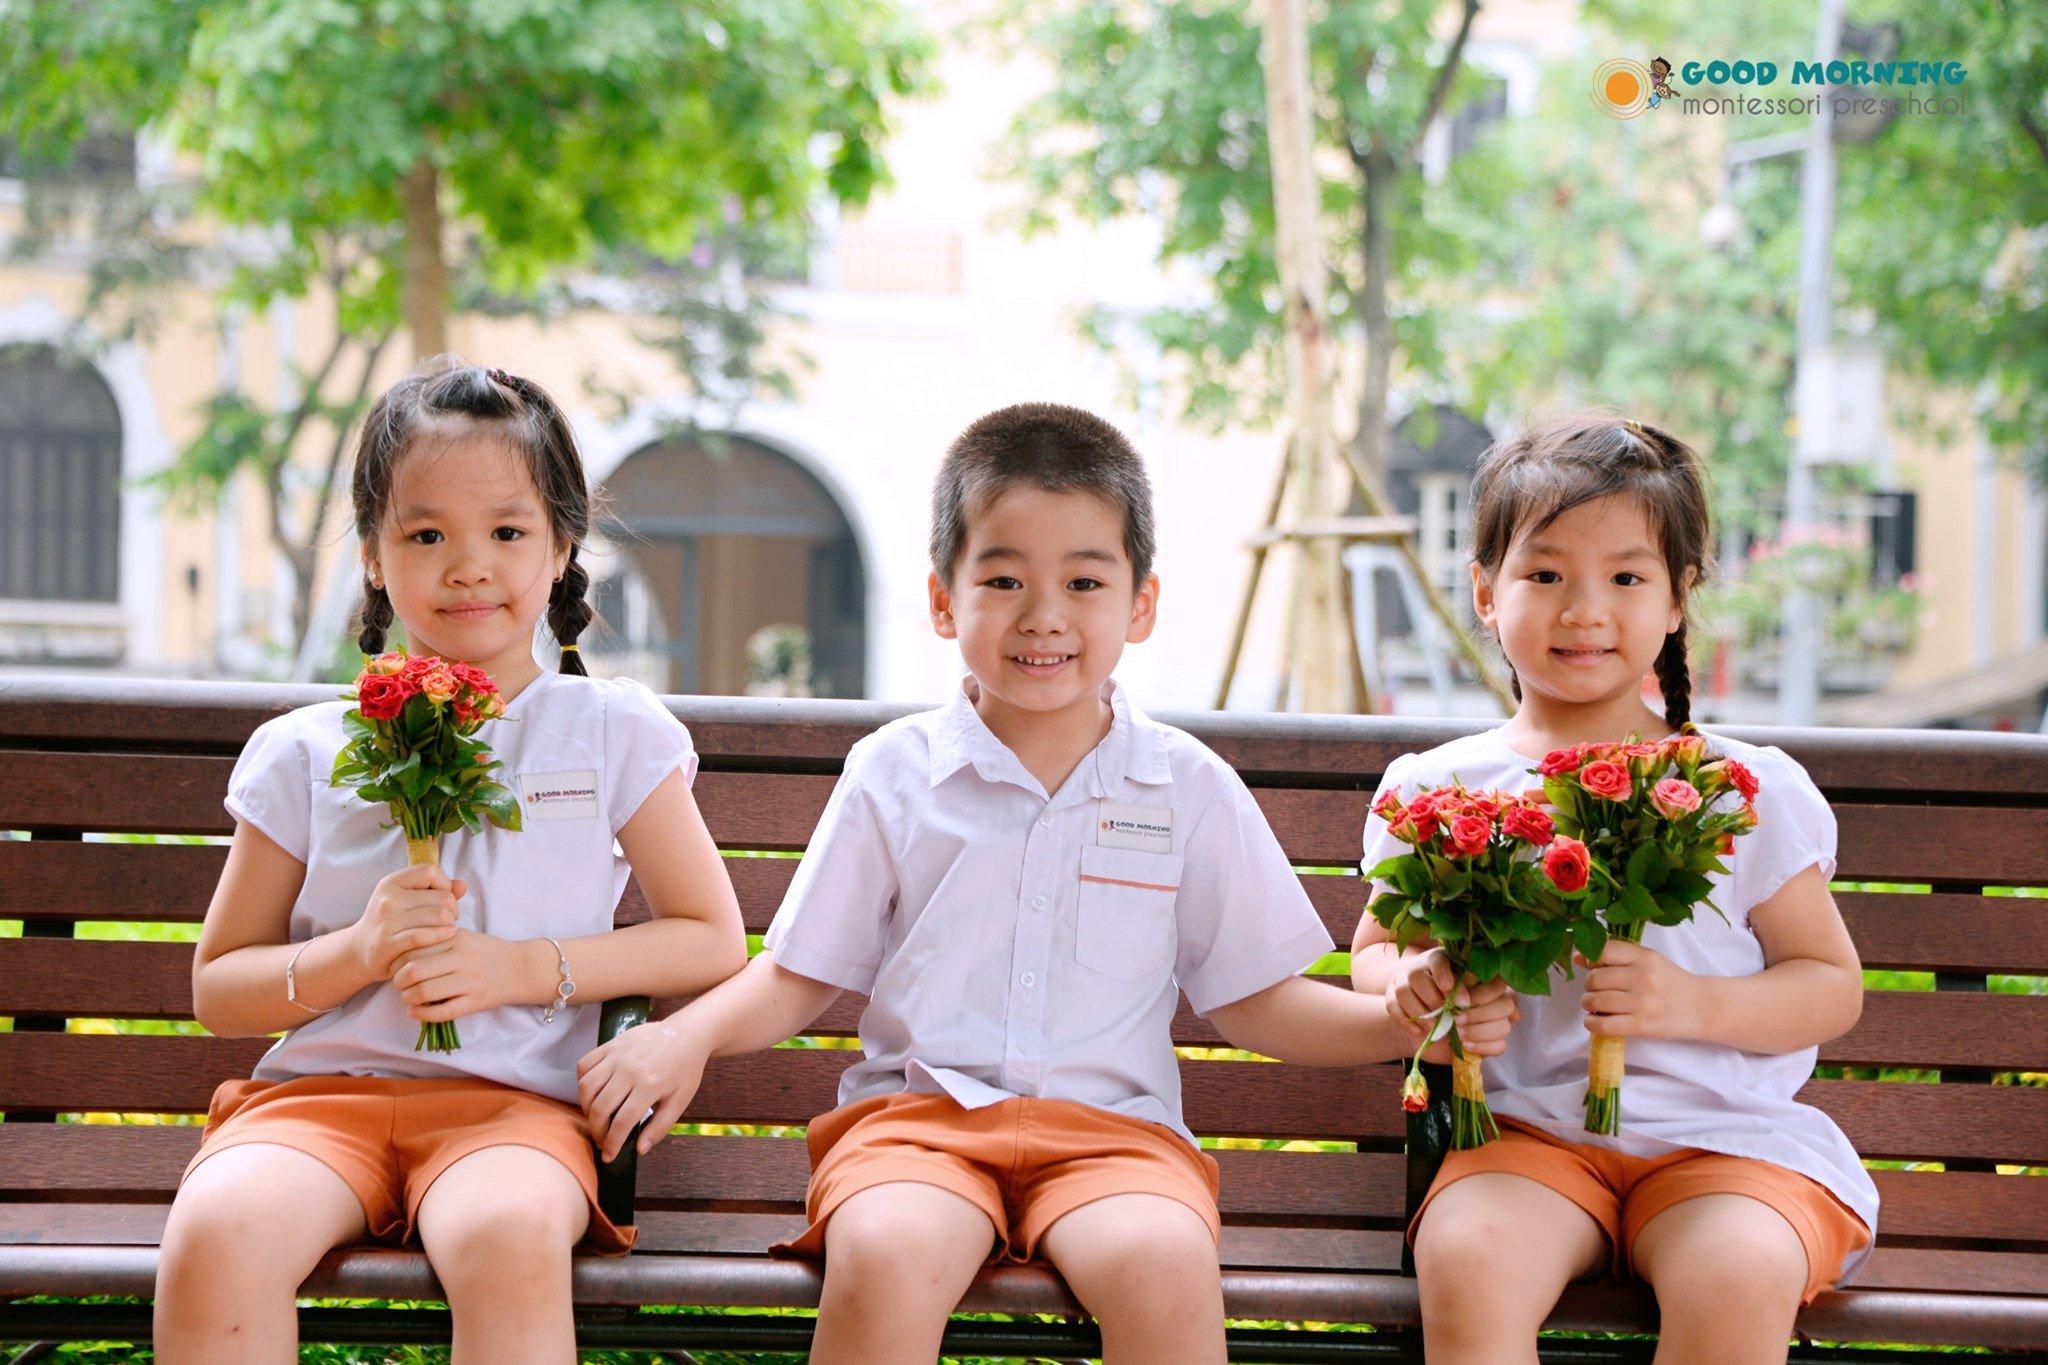 Trường mầm non Chào Ngày Mới ( Good Morning Montessori Preschool ) - Tô Ngọc Vân